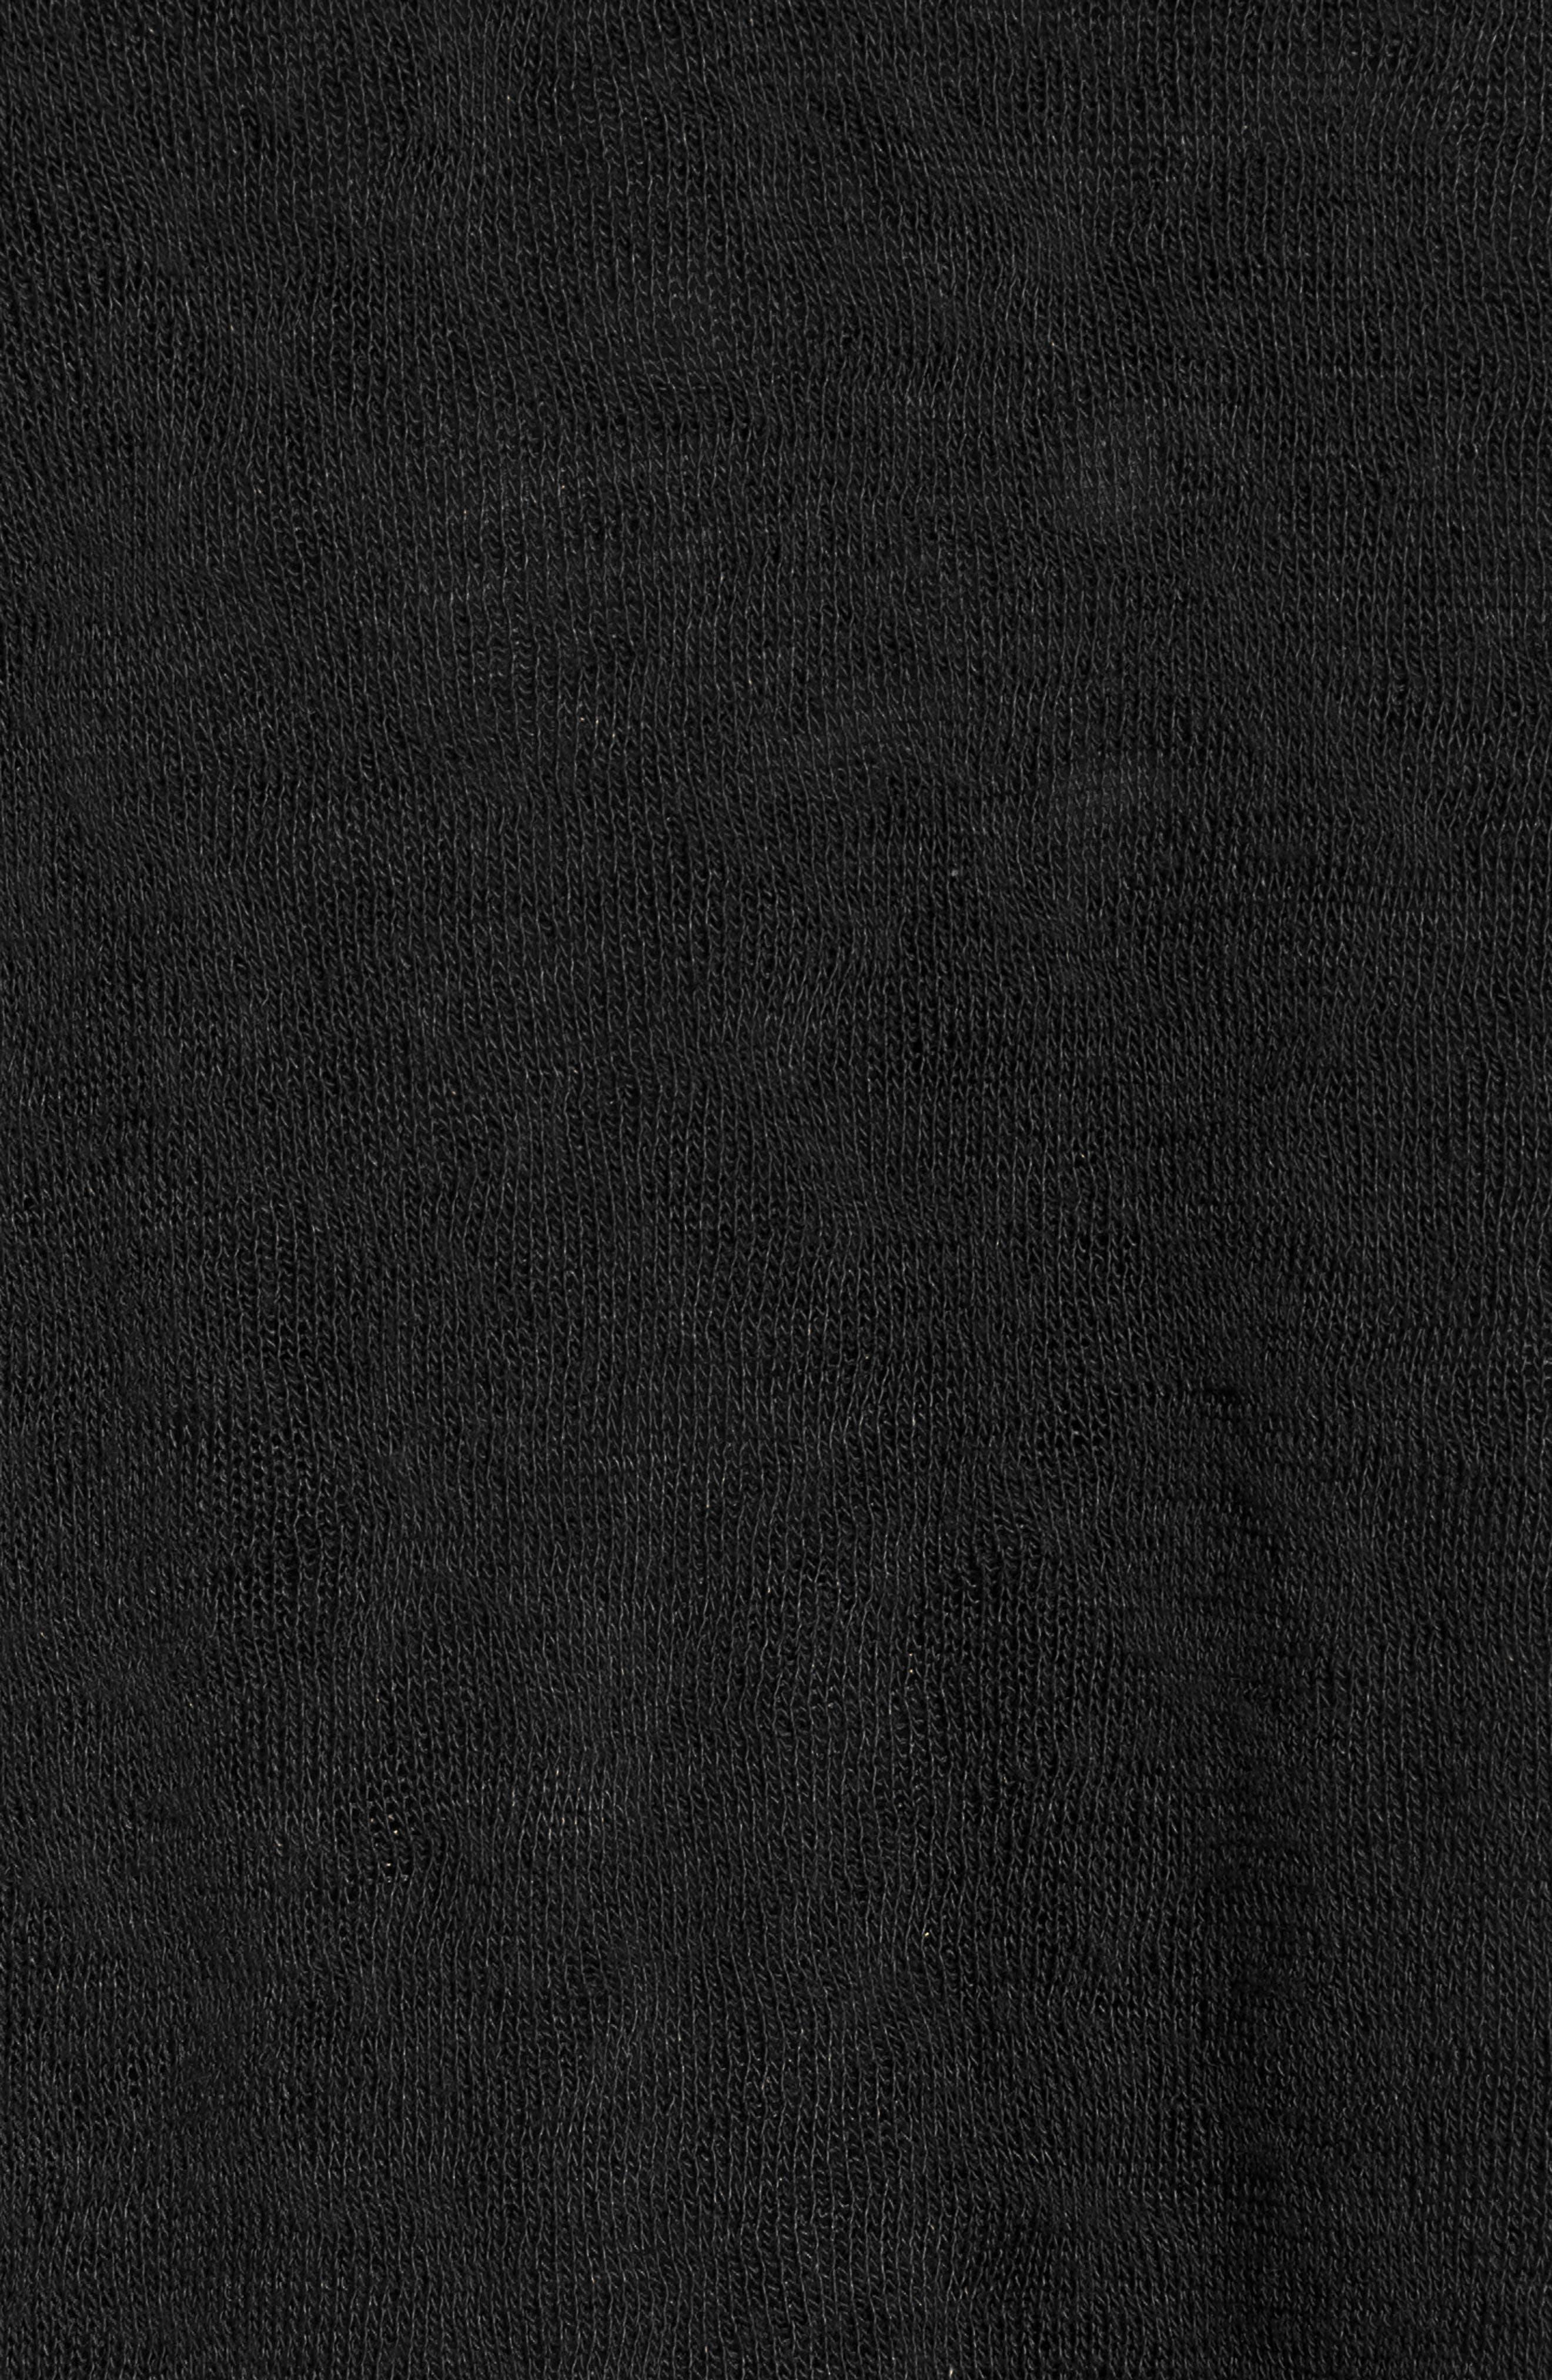 Jessica Twist Hem Slub Tee,                             Alternate thumbnail 6, color,                             BLACK